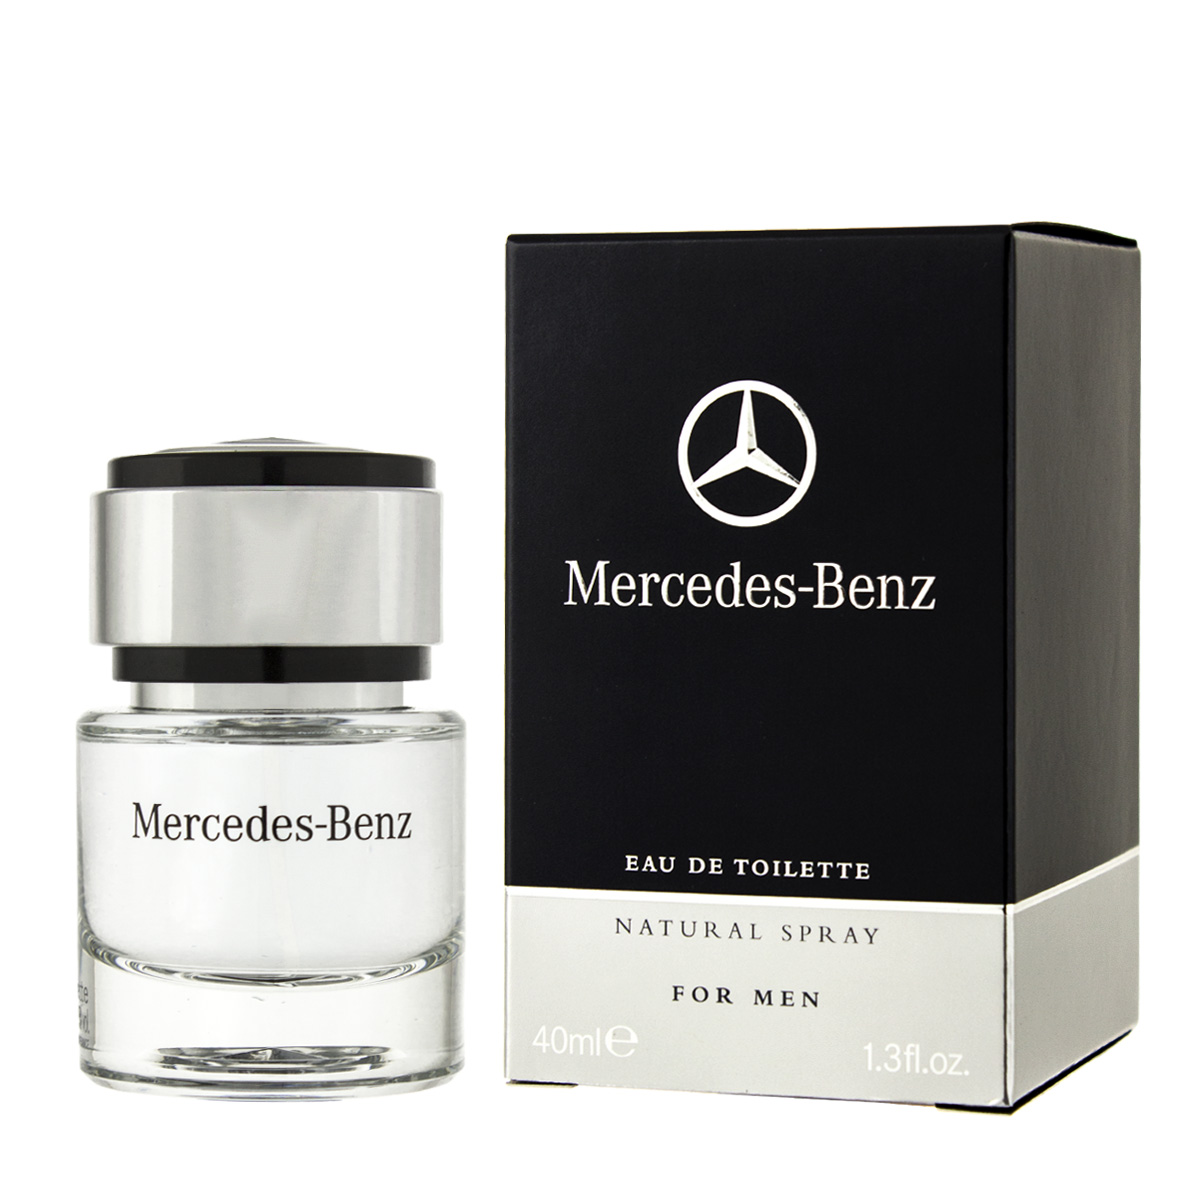 Mercedes-Benz Mercedes-Benz EDT 40 ml M